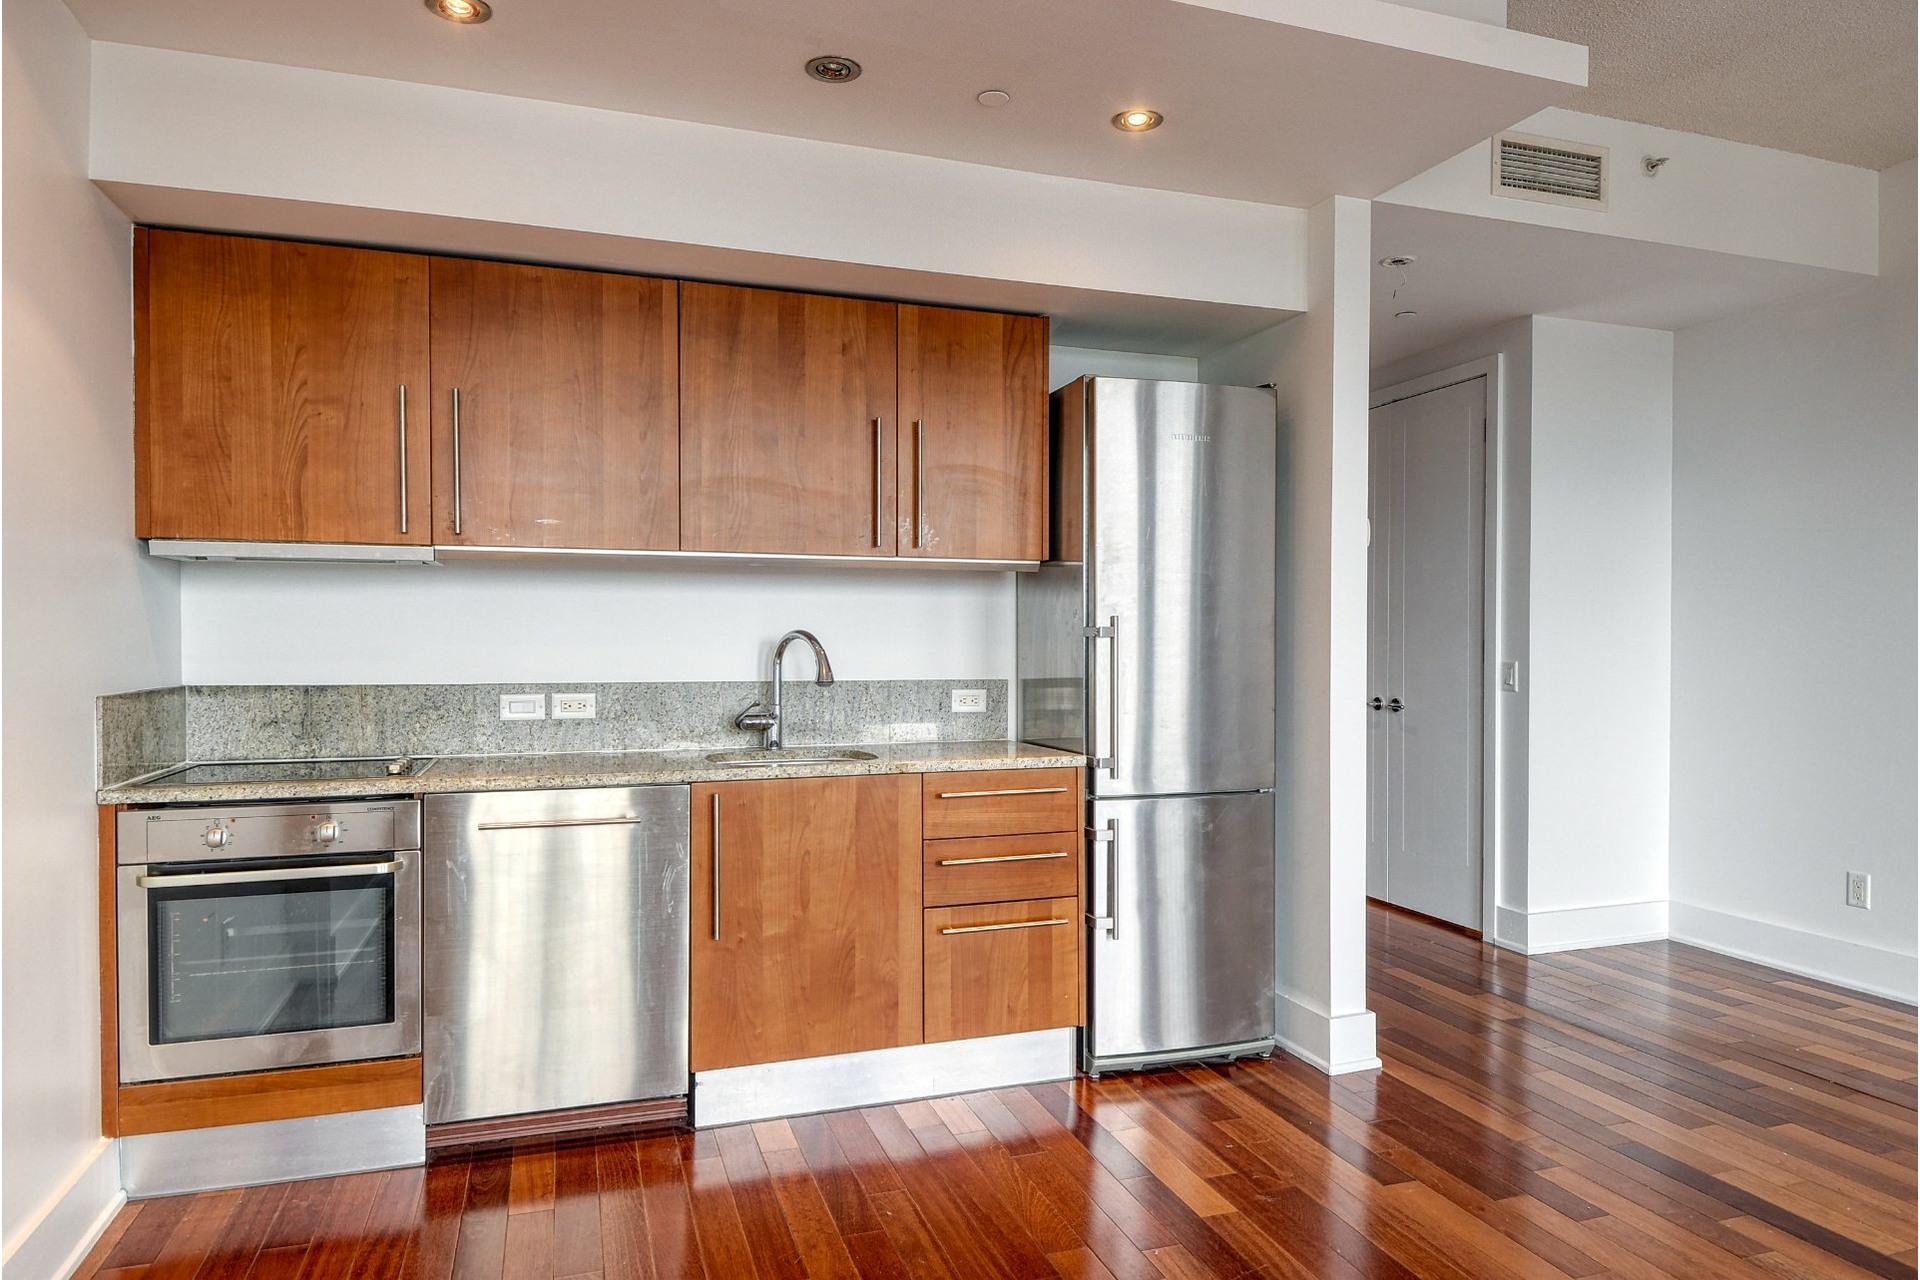 image 5 - Appartement À vendre Le Plateau-Mont-Royal Montréal  - 3 pièces